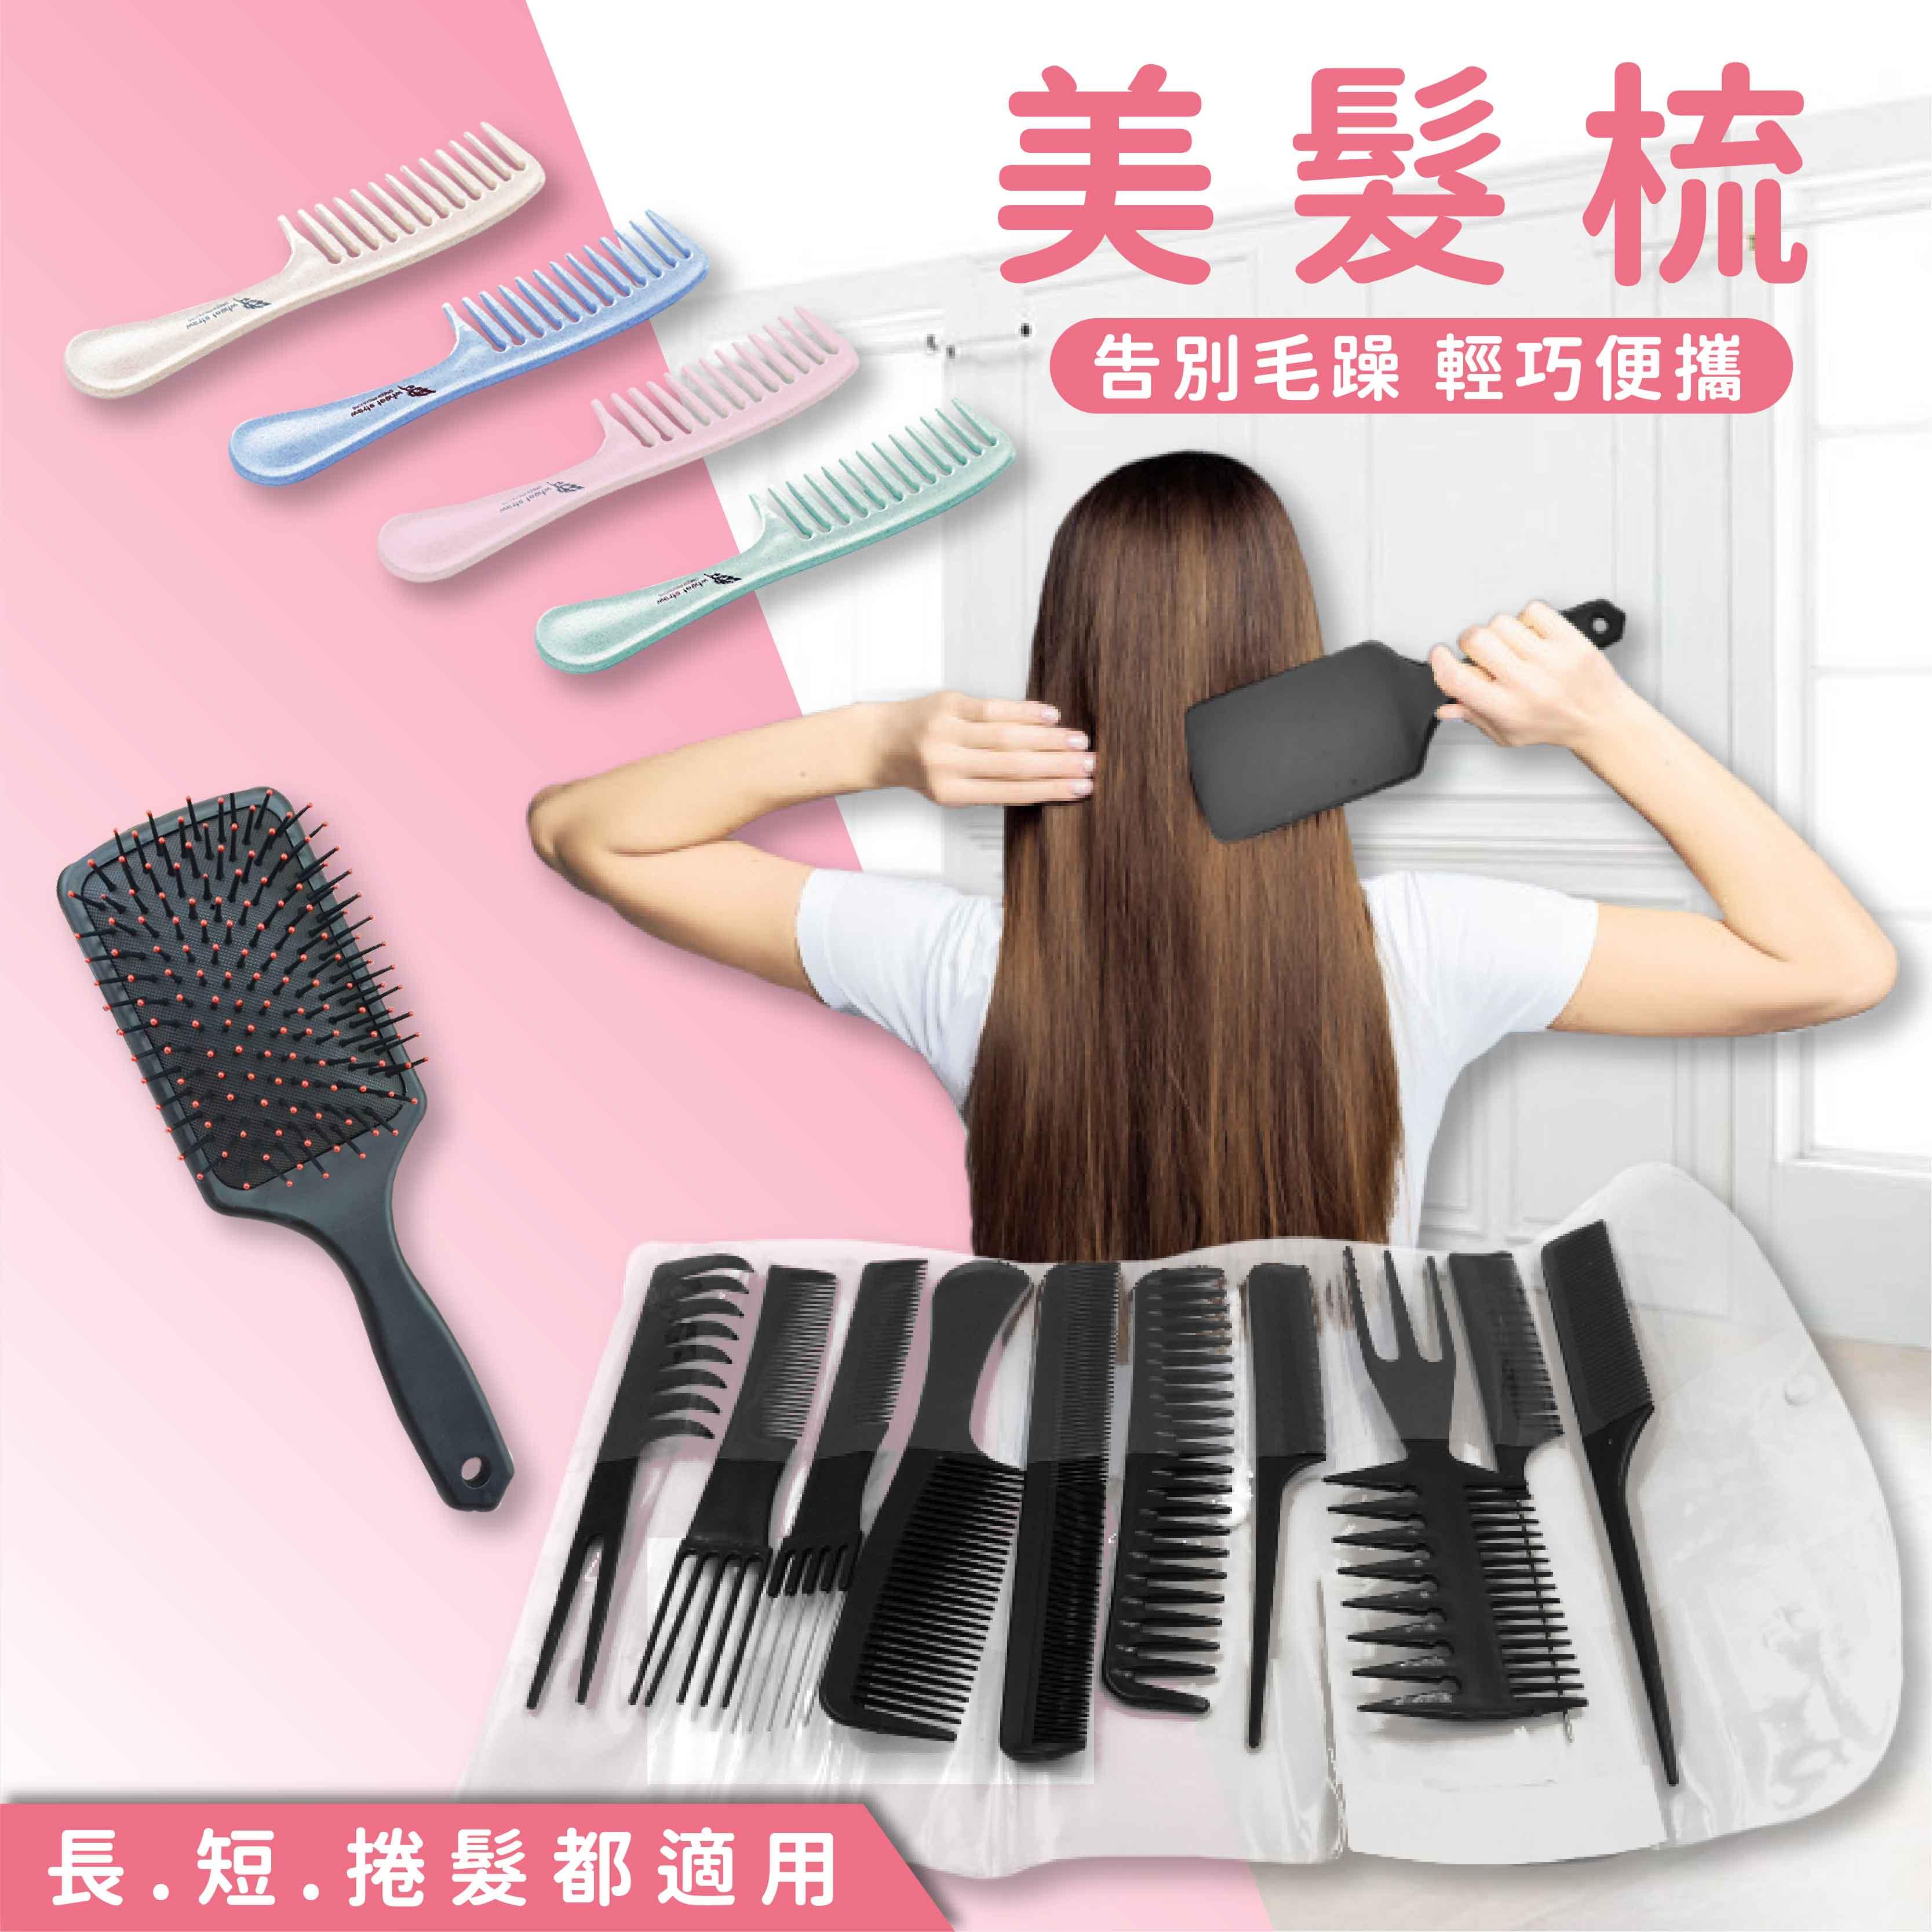 滿額免運◼️台灣現貨◼️防靜電大齒梳 寬齒梳 按摩梳 氣囊梳 捲髮梳子 專業美髮梳10件套【樂晨居家】